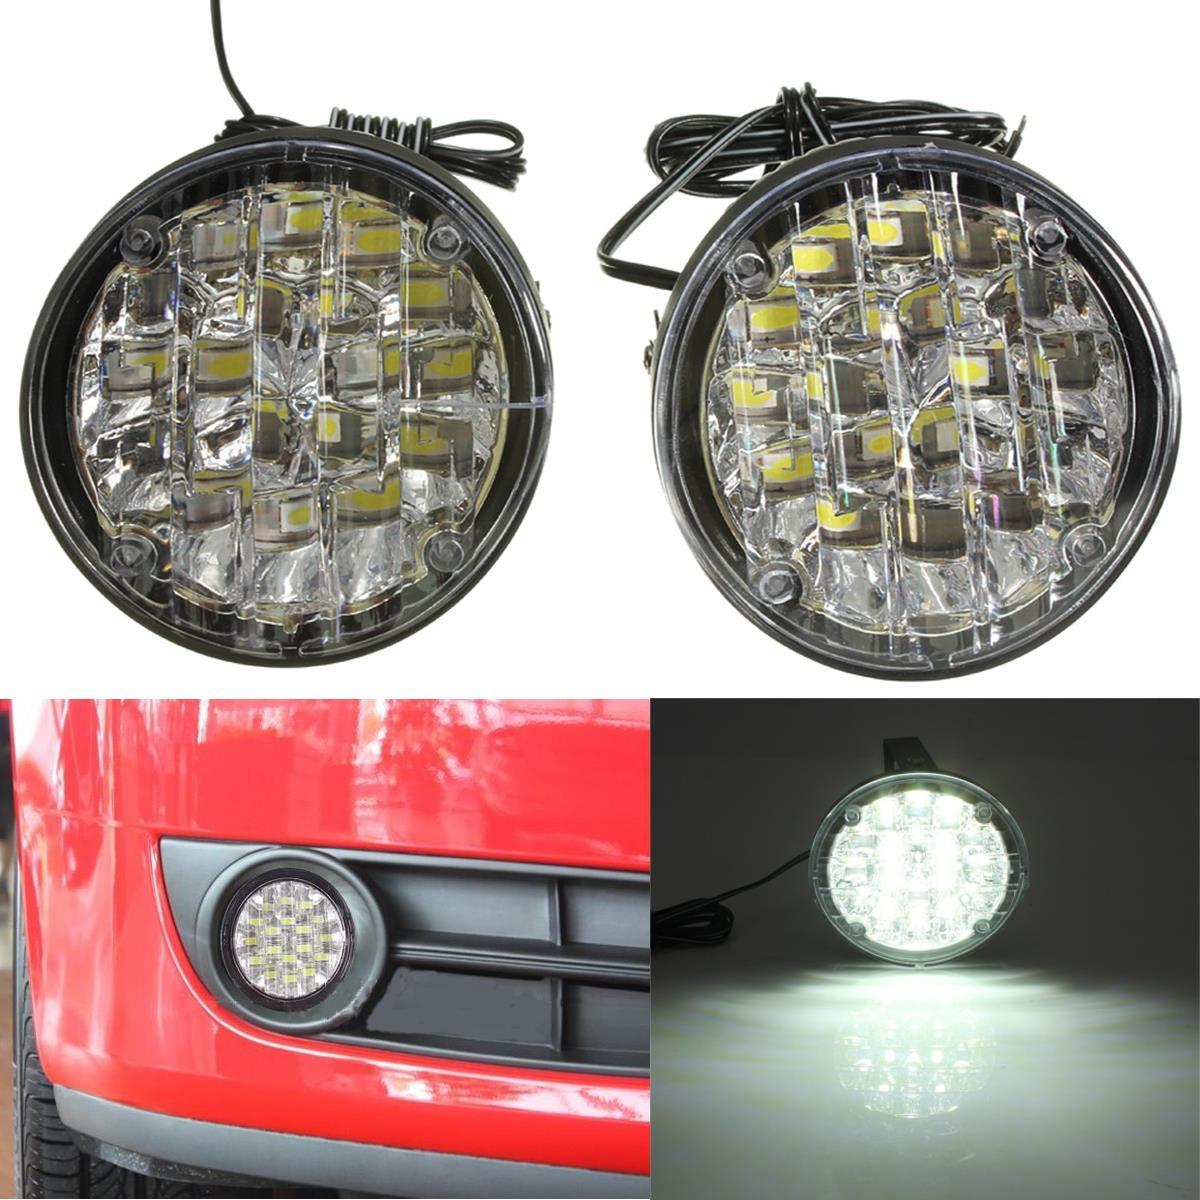 Nuovo 2 Pz 12 V 18 LED Rotonda Car Driving Corrente di Giorno luce DRL Lampada Della Nebbia Bright White Car LED Offroad Lavoro luce